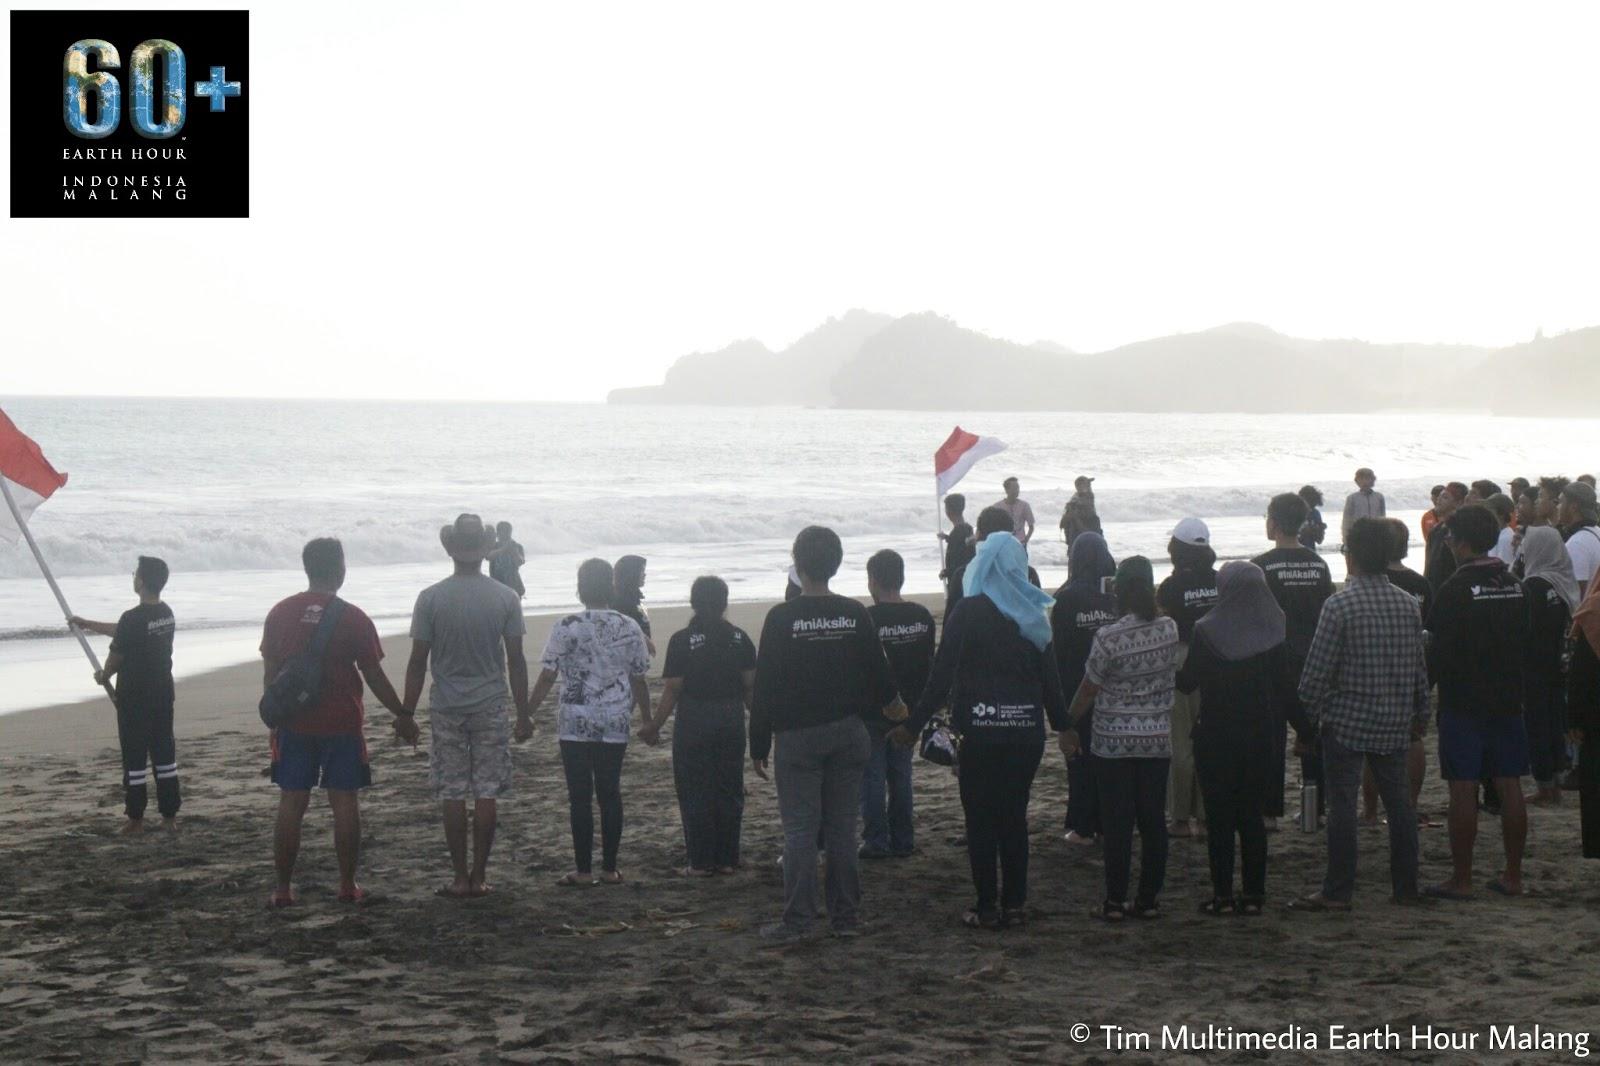 ... Pengelola Pantai Goa Cina 3f2807bce8